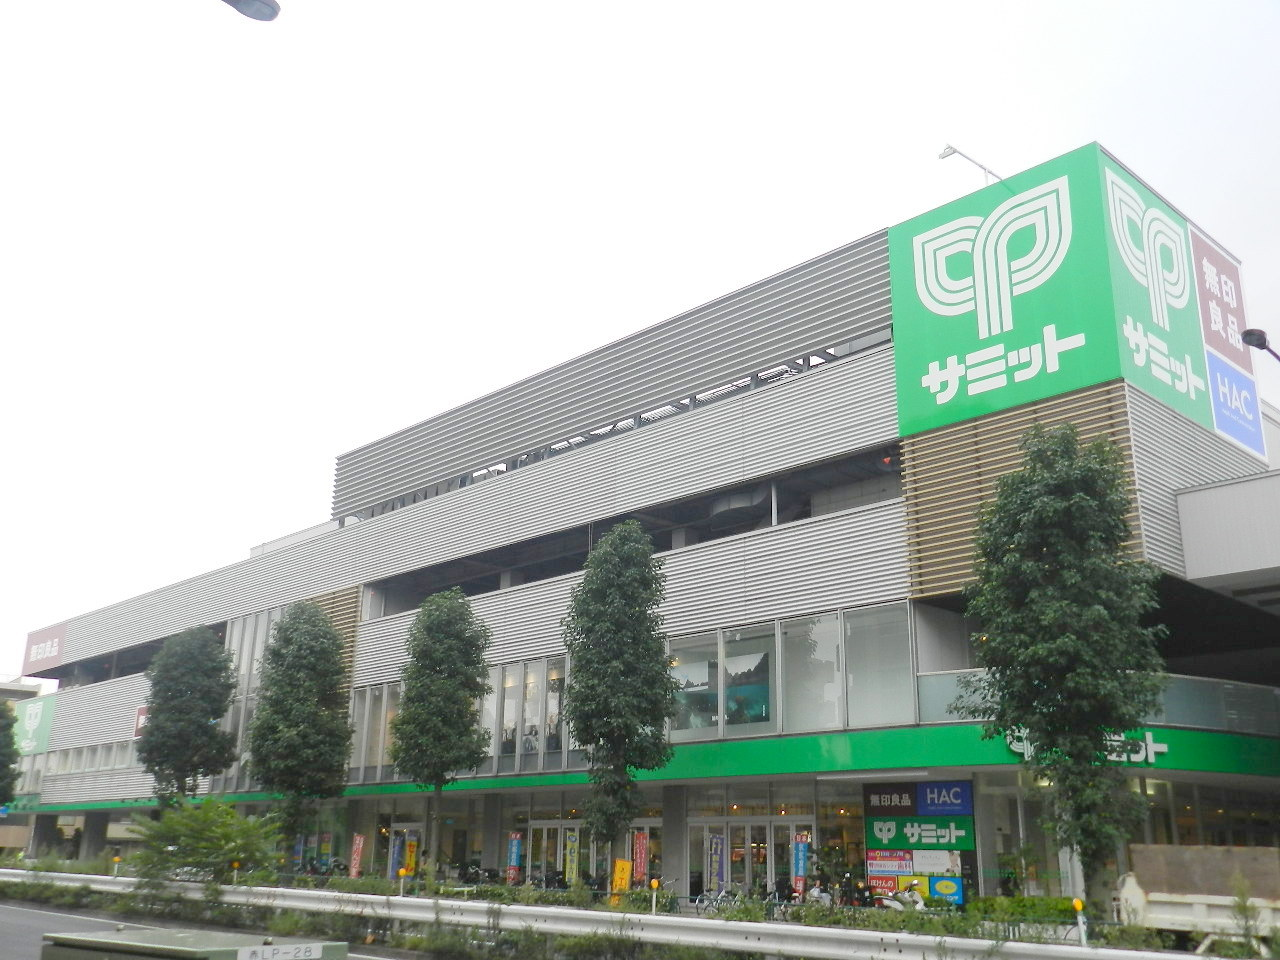 スーパー:サミットストア 砧環八通り店 387m